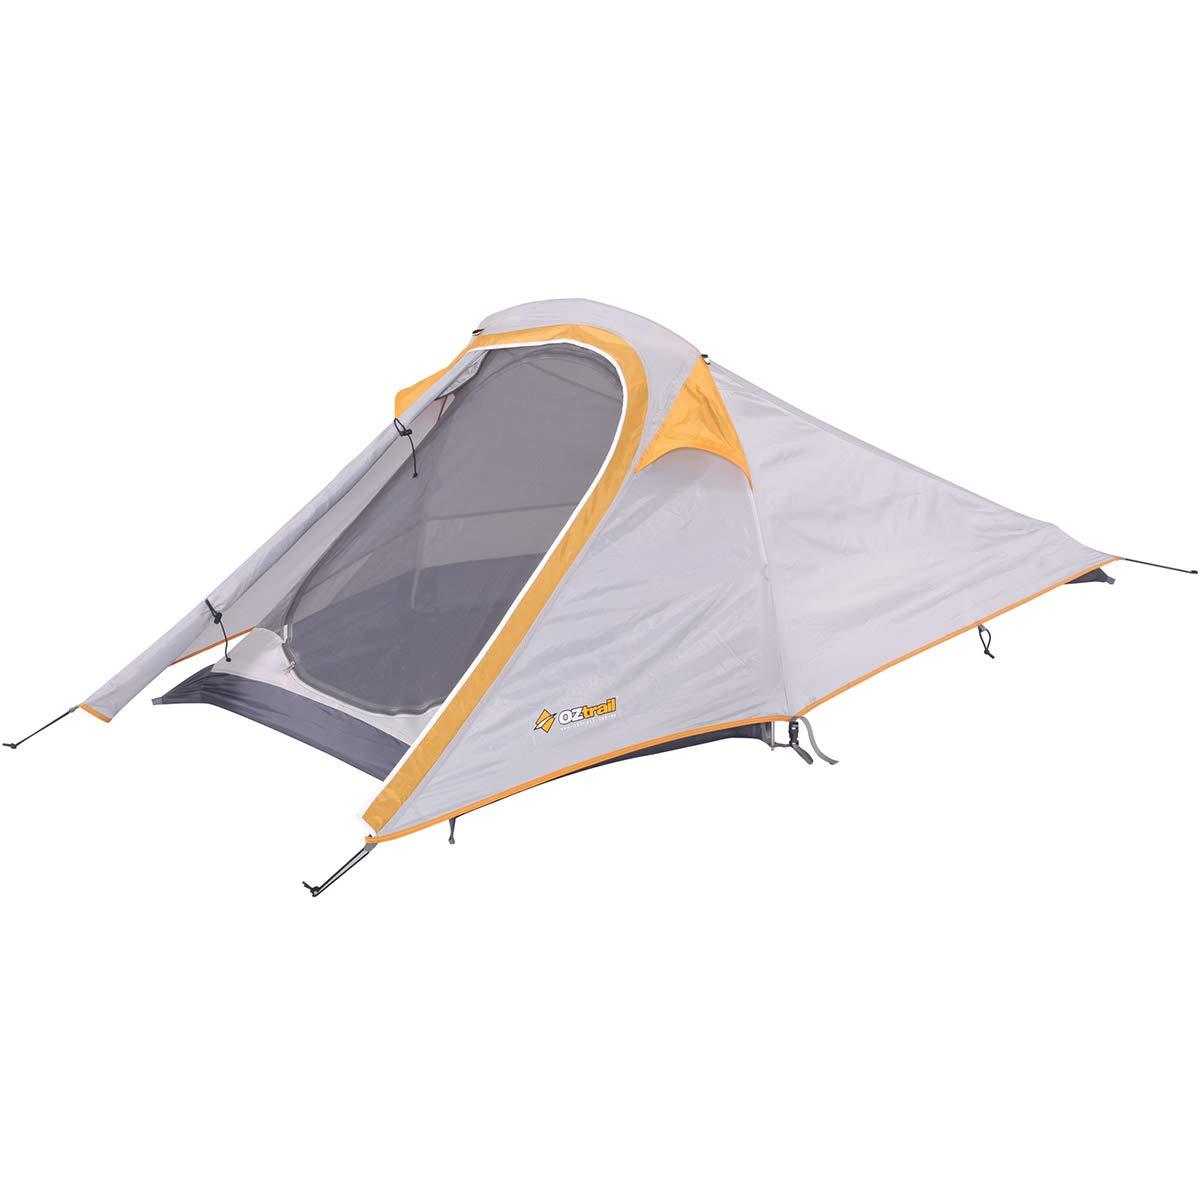 Tienda de campaña ultraligera Starlight - OLT-STA-D - Tienda de campaña para 2 personas, ideal para excursiones y senderismo. Ultraligera de sólo 1.6kg de peso, y con un sistema de varillas horizontales que la hace muy fácil de montar. 230x120cm con vestíb